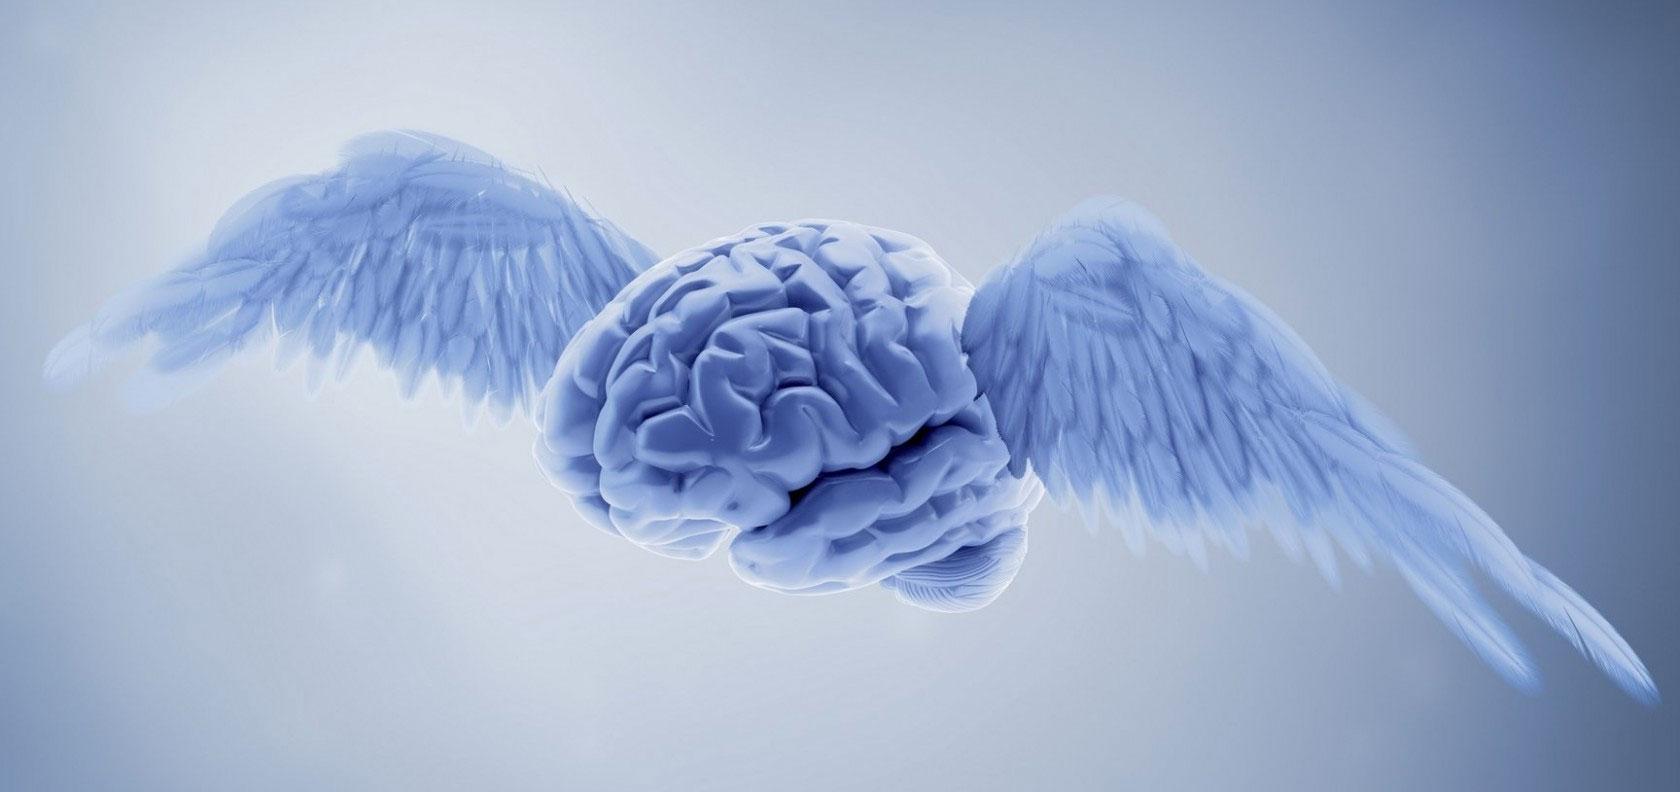 Cómo usar tus miedos y convertirlos en pensamientos positivos… con ayuda de las neurociencias